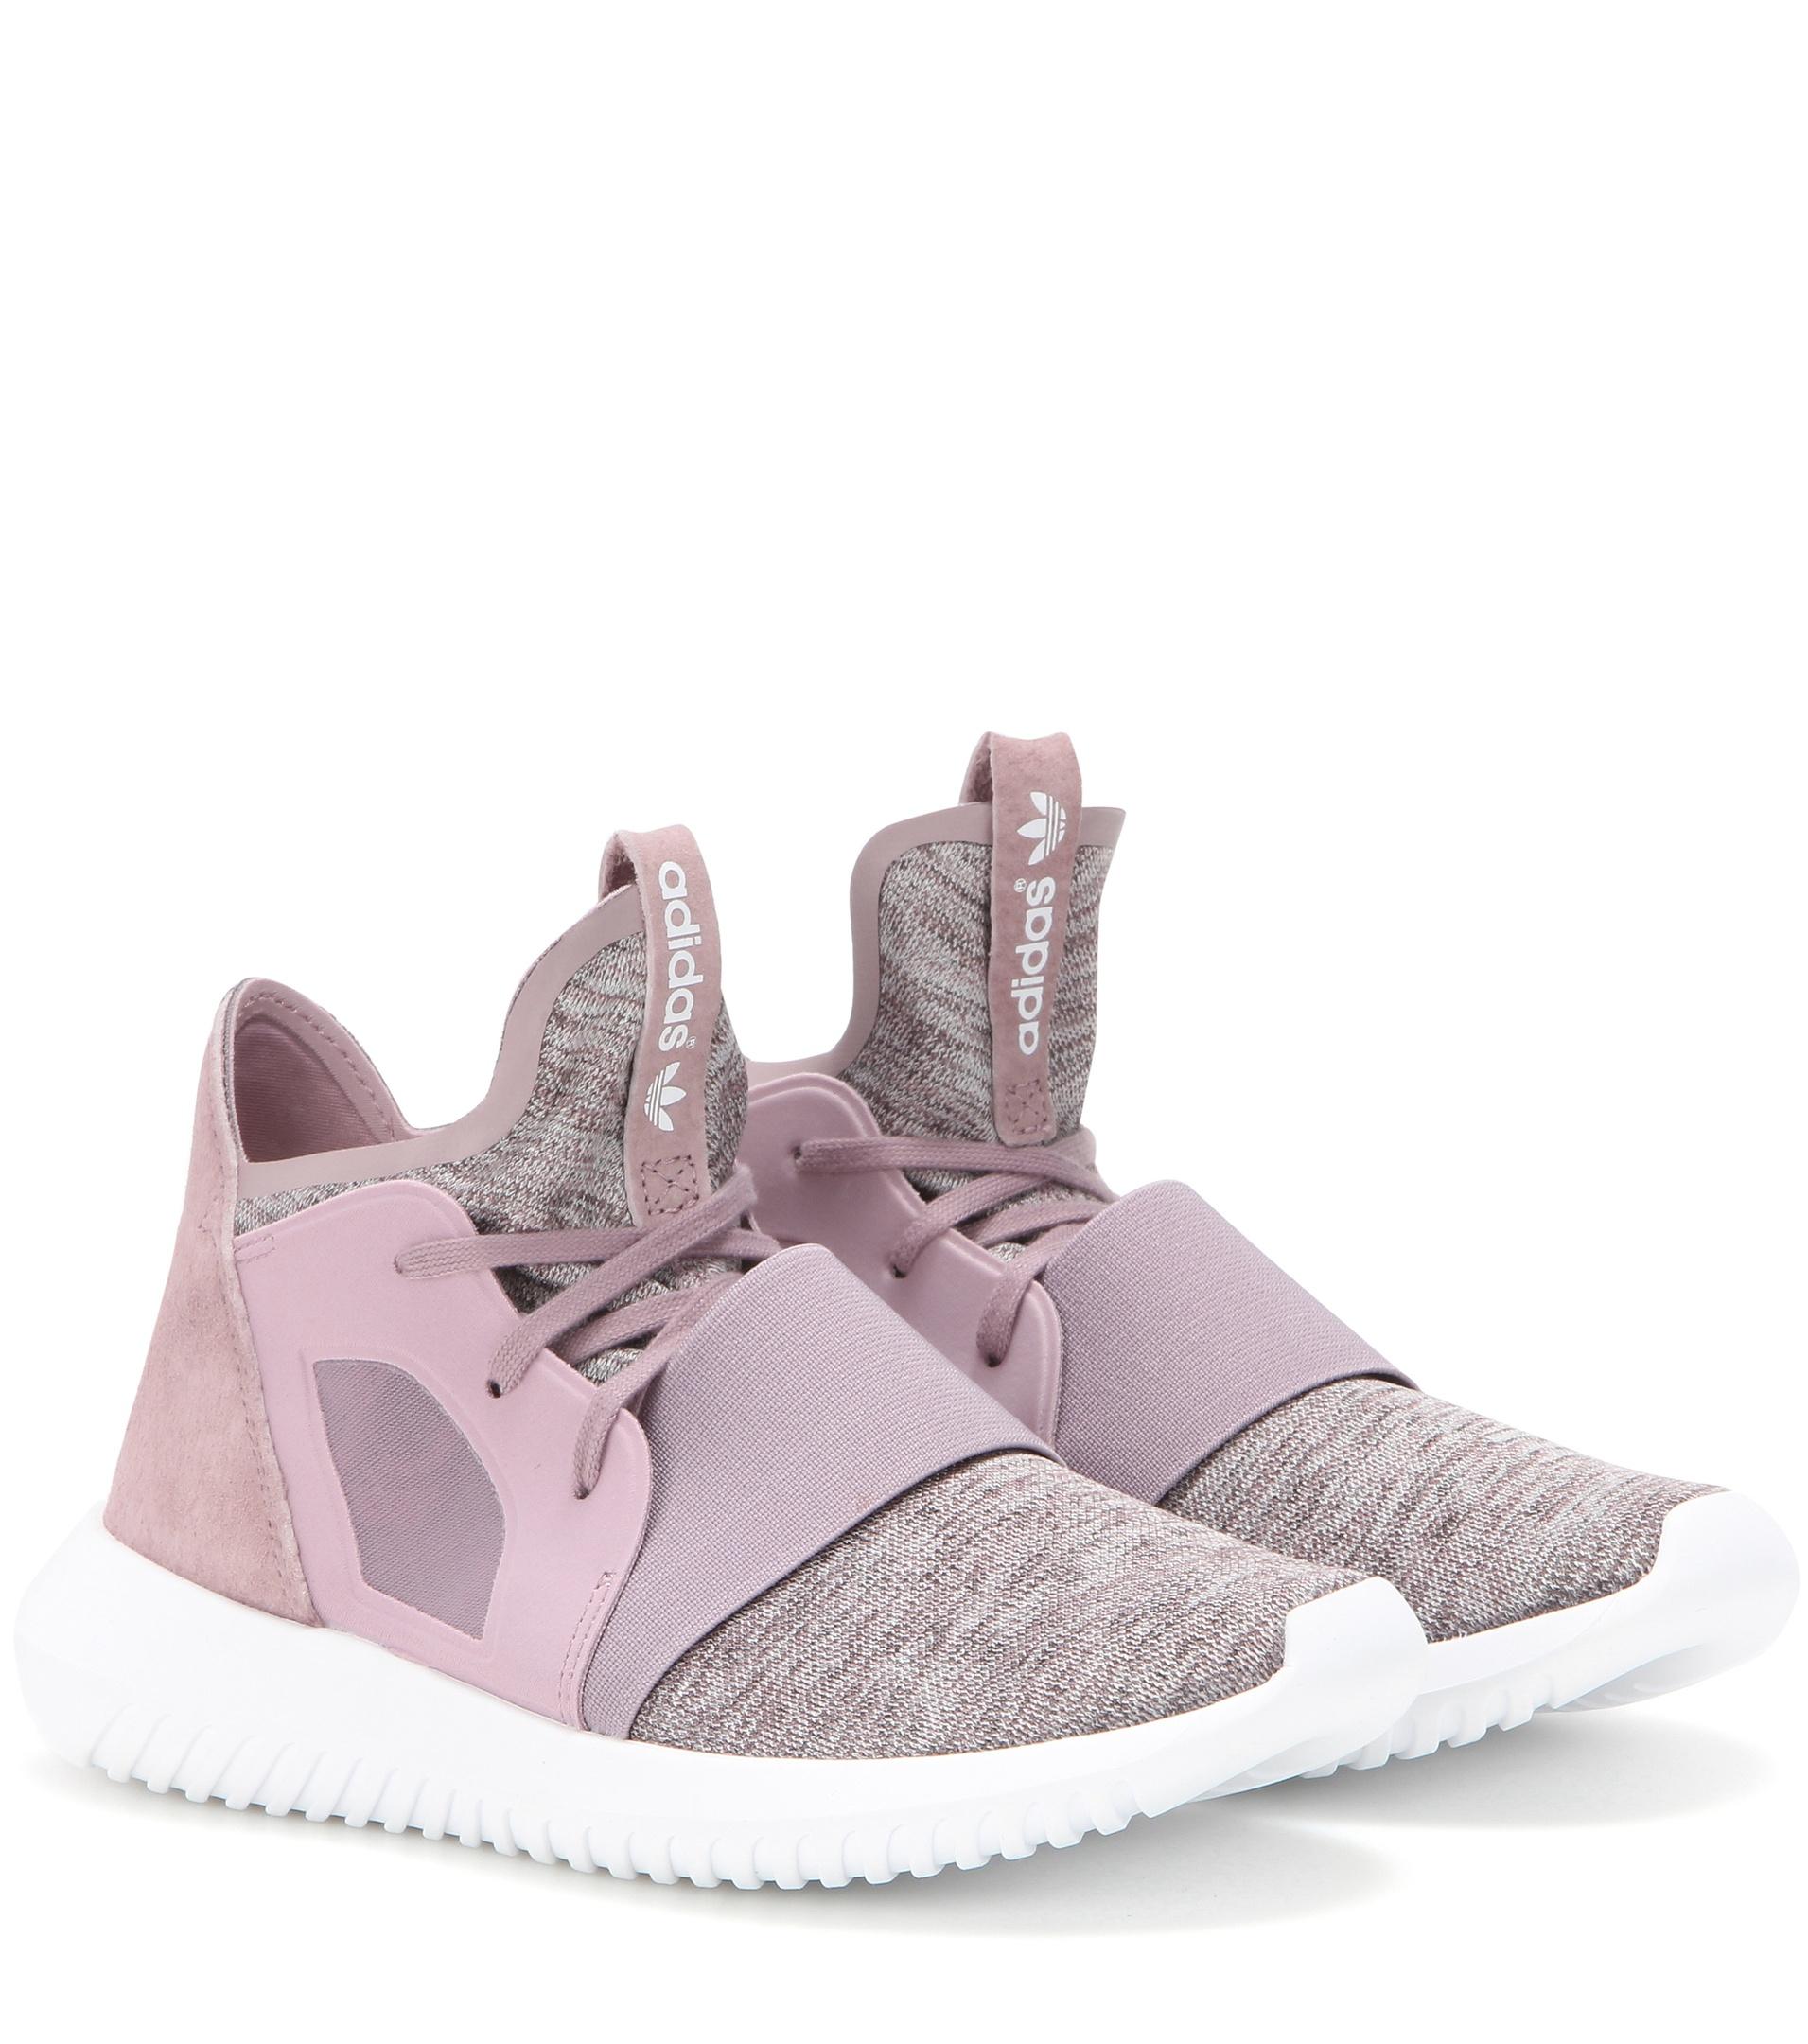 adidas tubular lilac